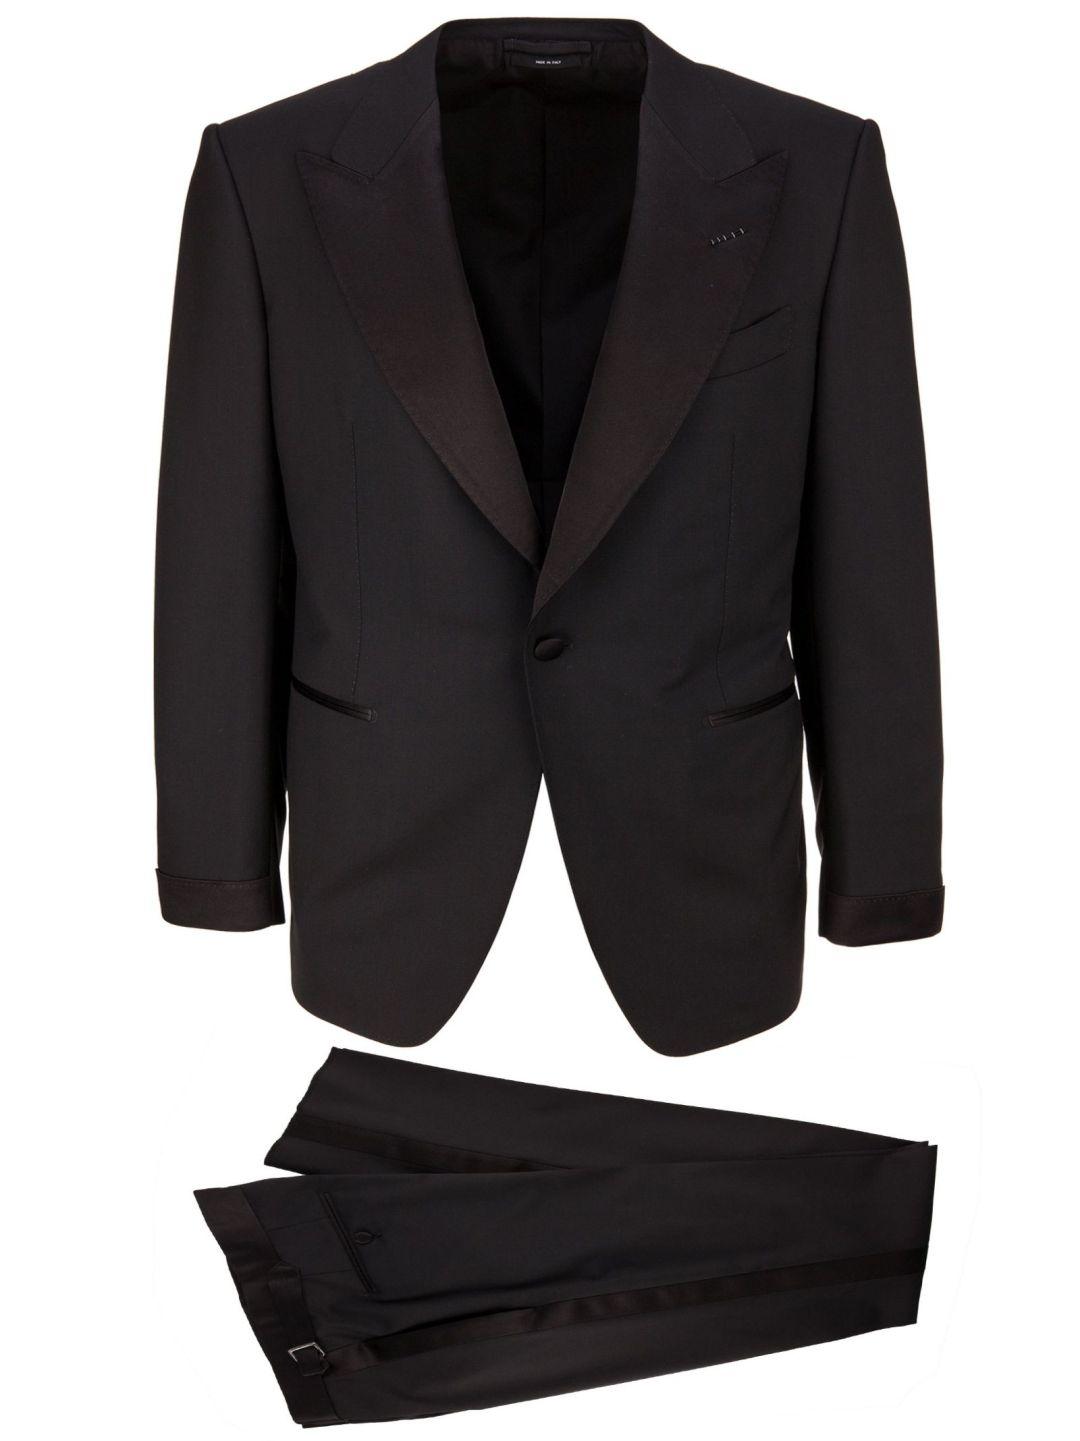 47588d7be6c6 Tom Ford Dress – Italist.com US – $3,257.36